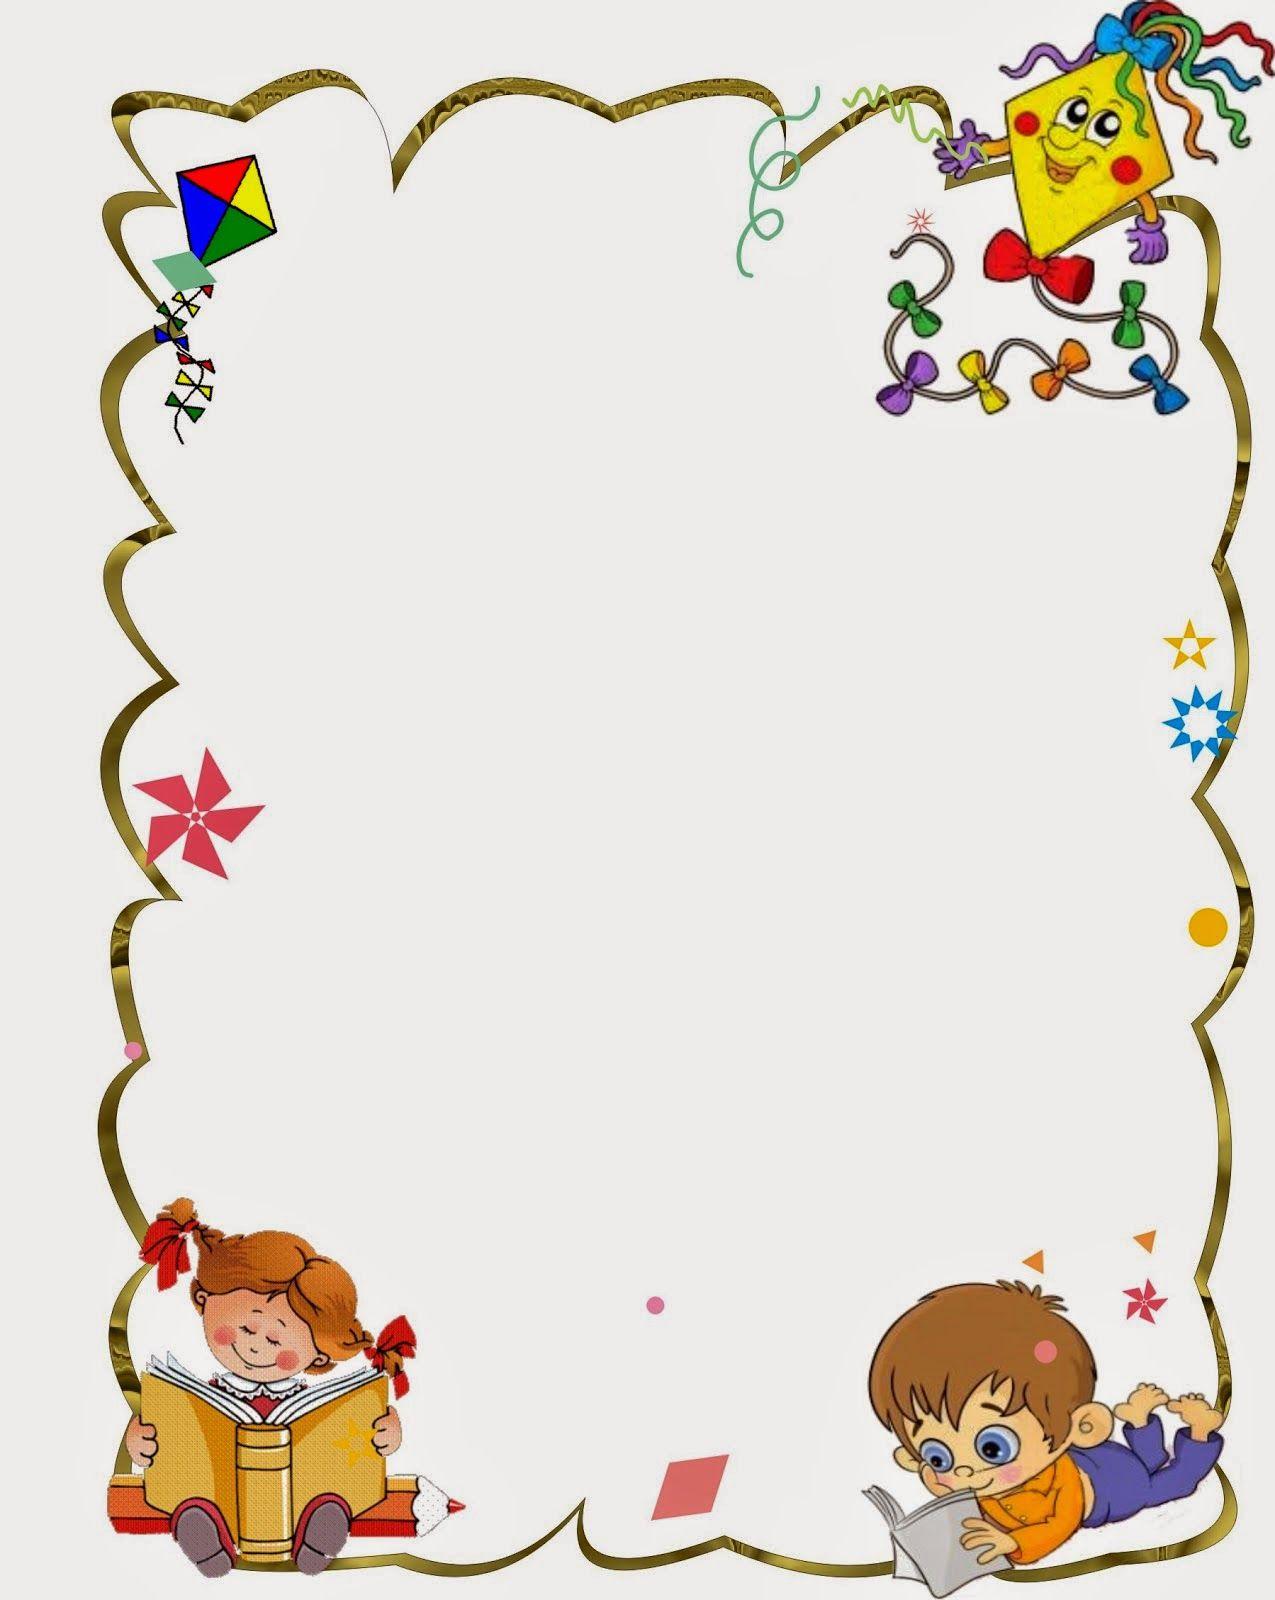 Caratulas para cuadernos niñas … | marco | Pinterest | Carátulas ...